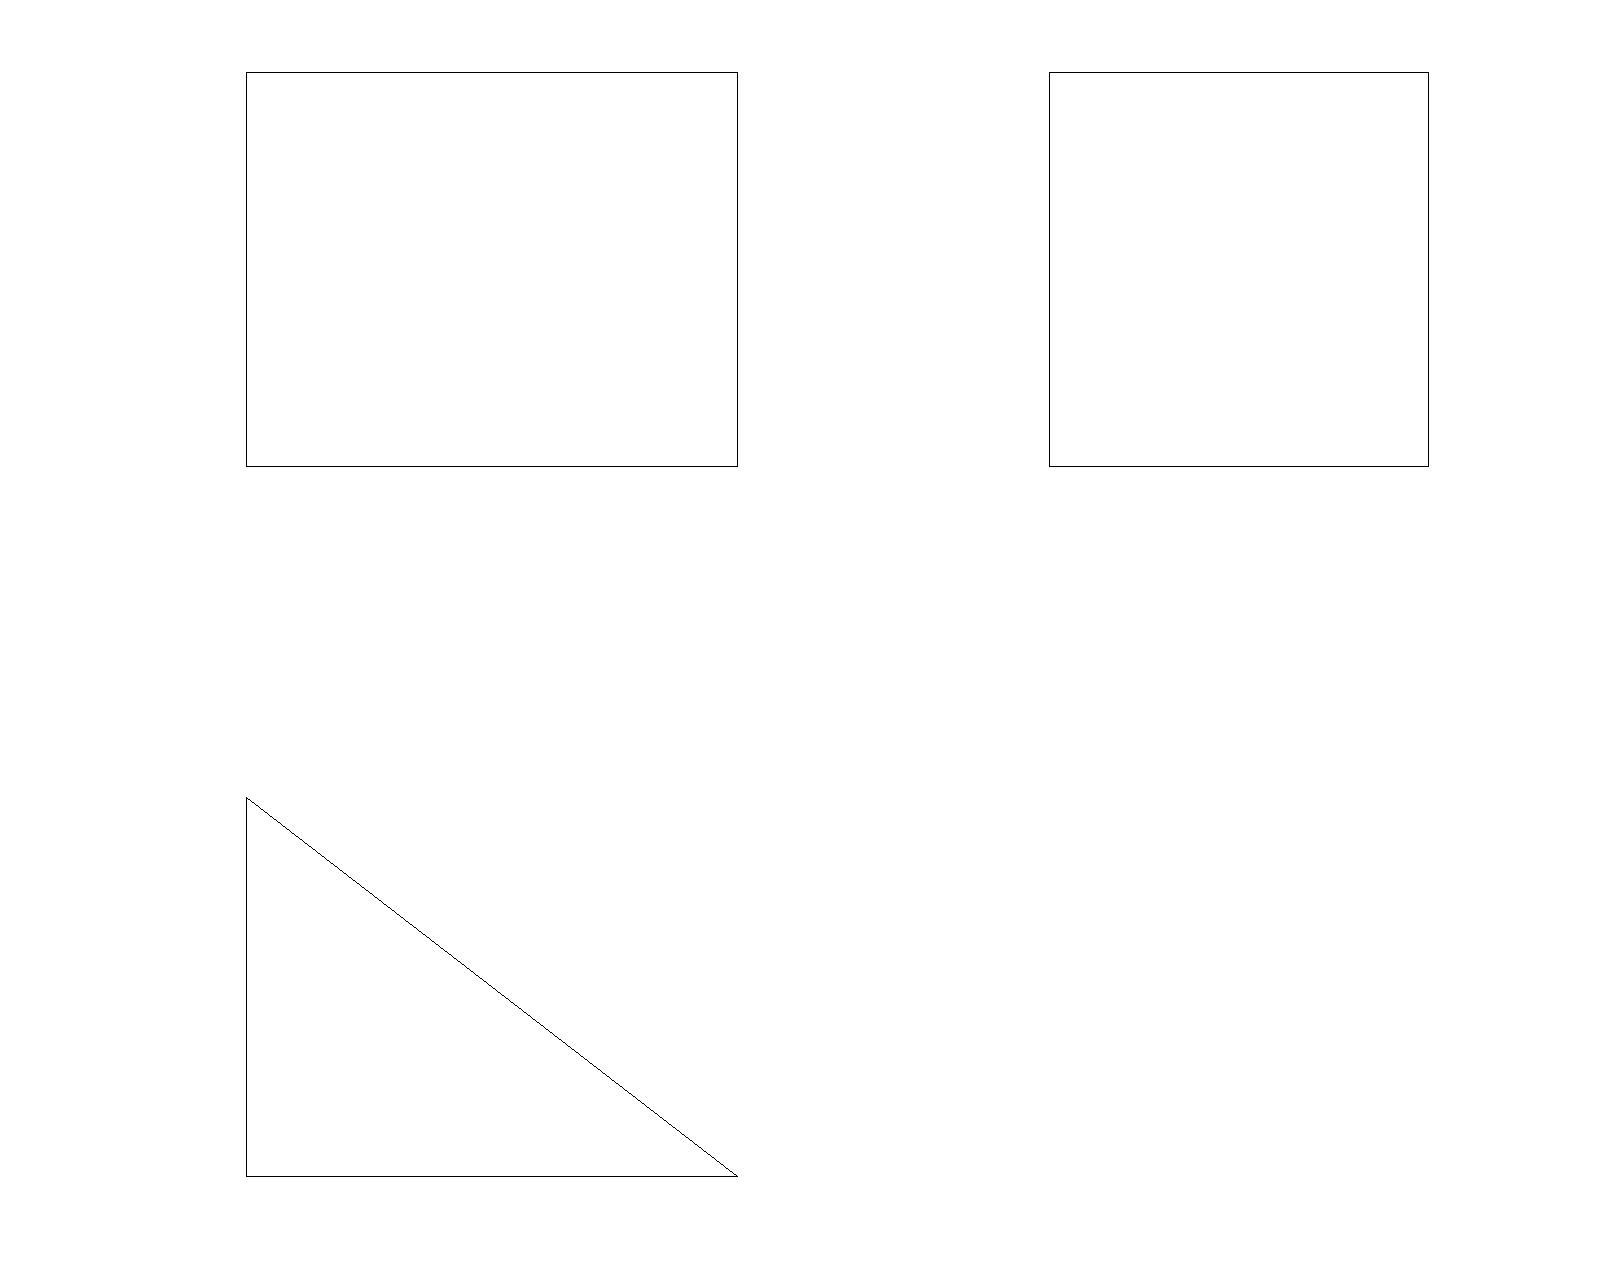 三棱柱 的三视图 如何画